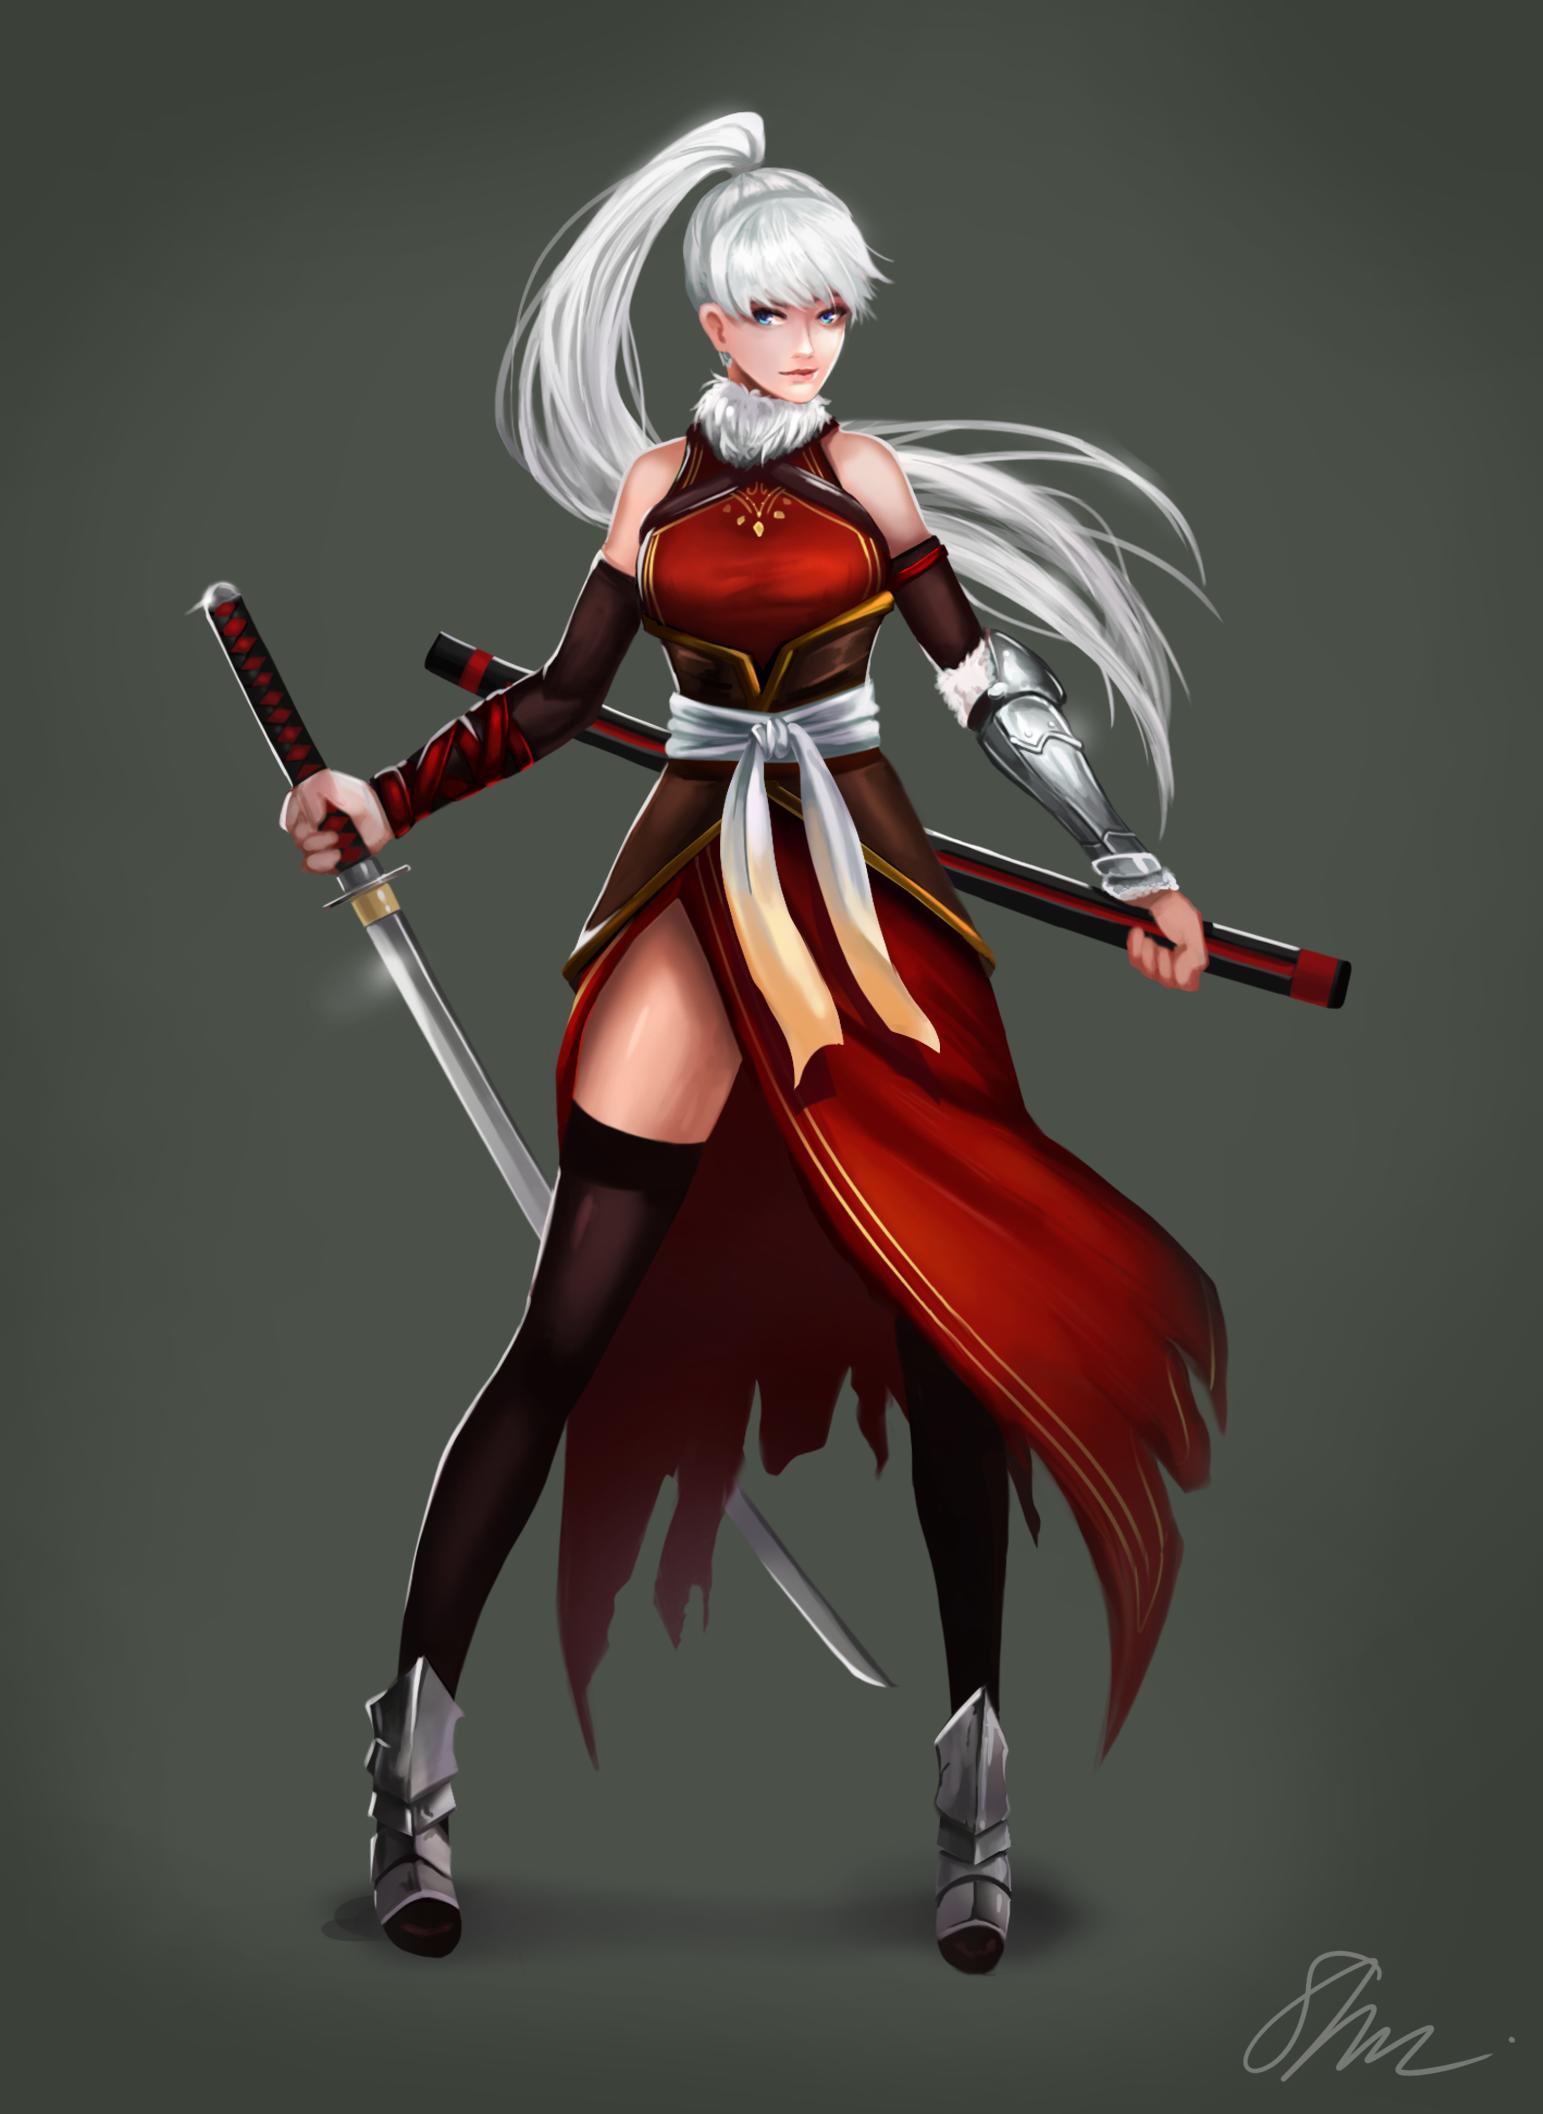 Red Swordswoman